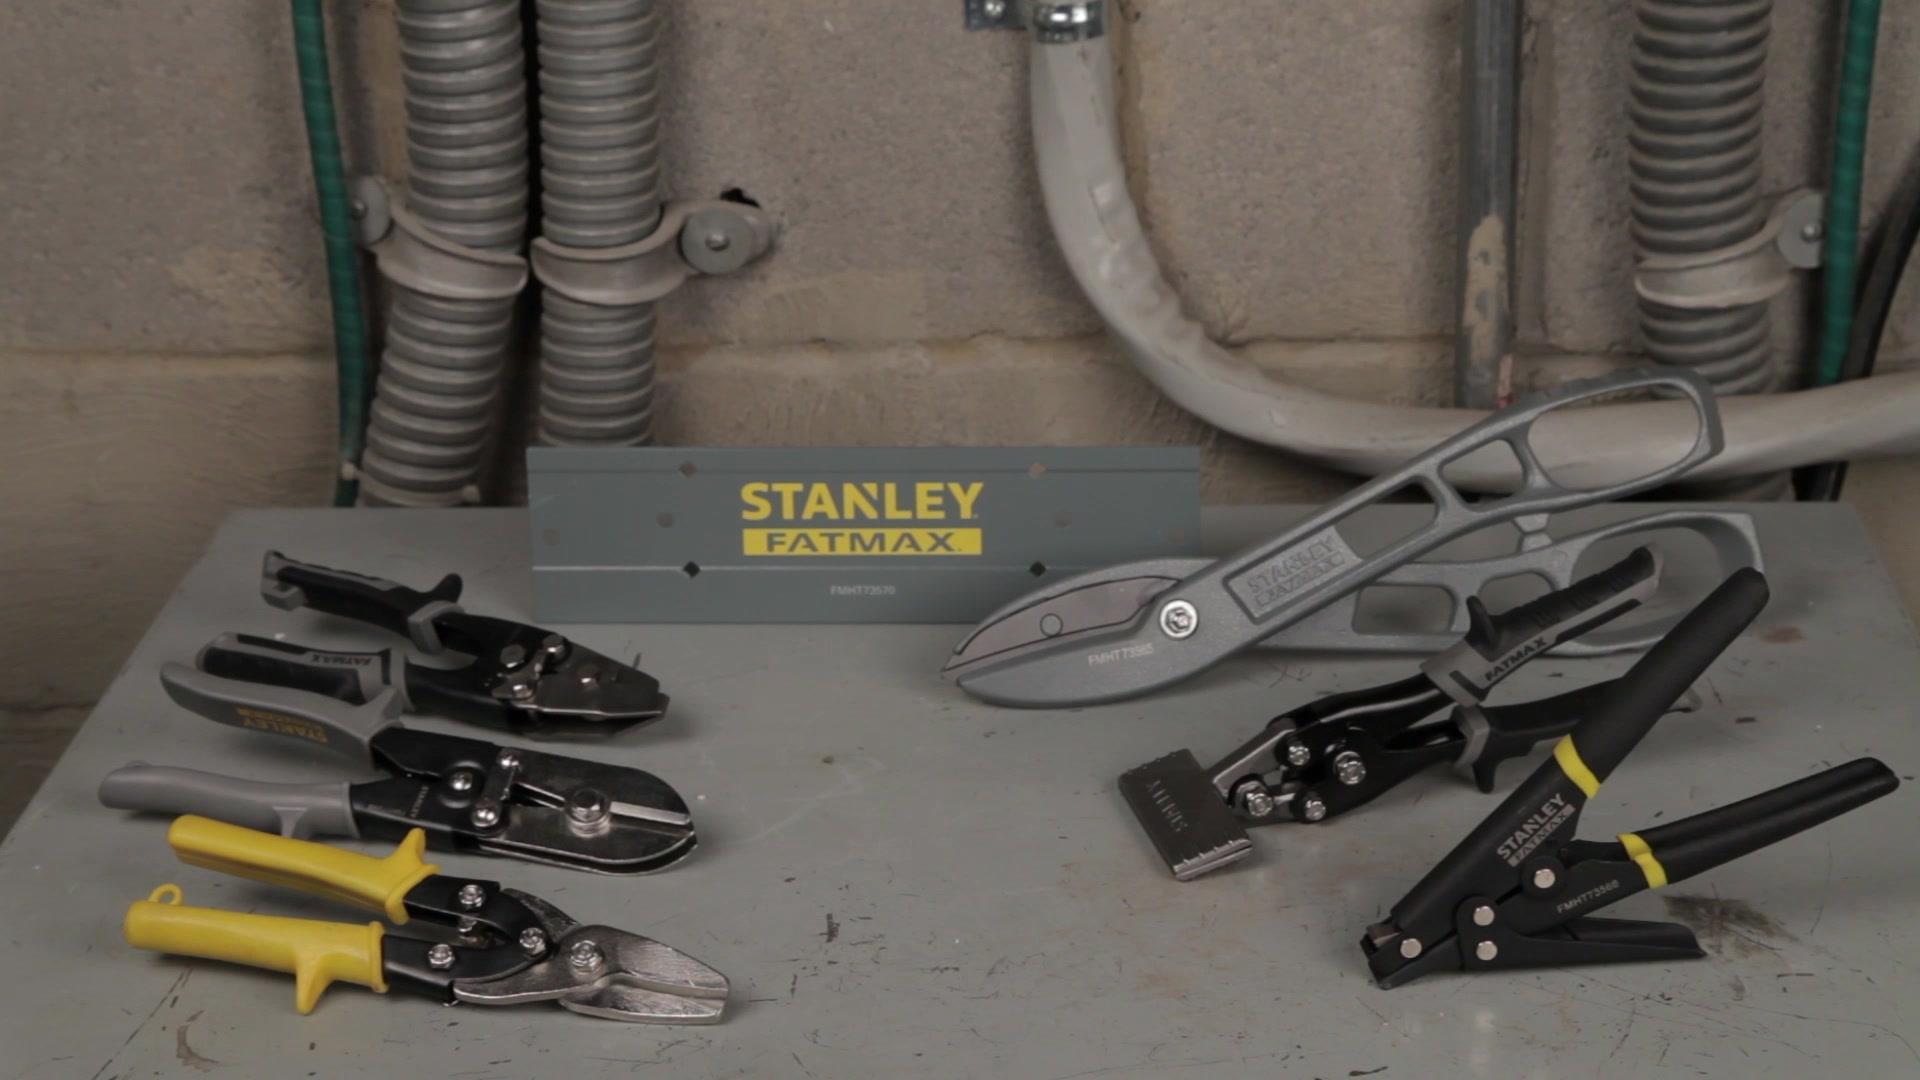 FATMAX® Snips | STANLEY